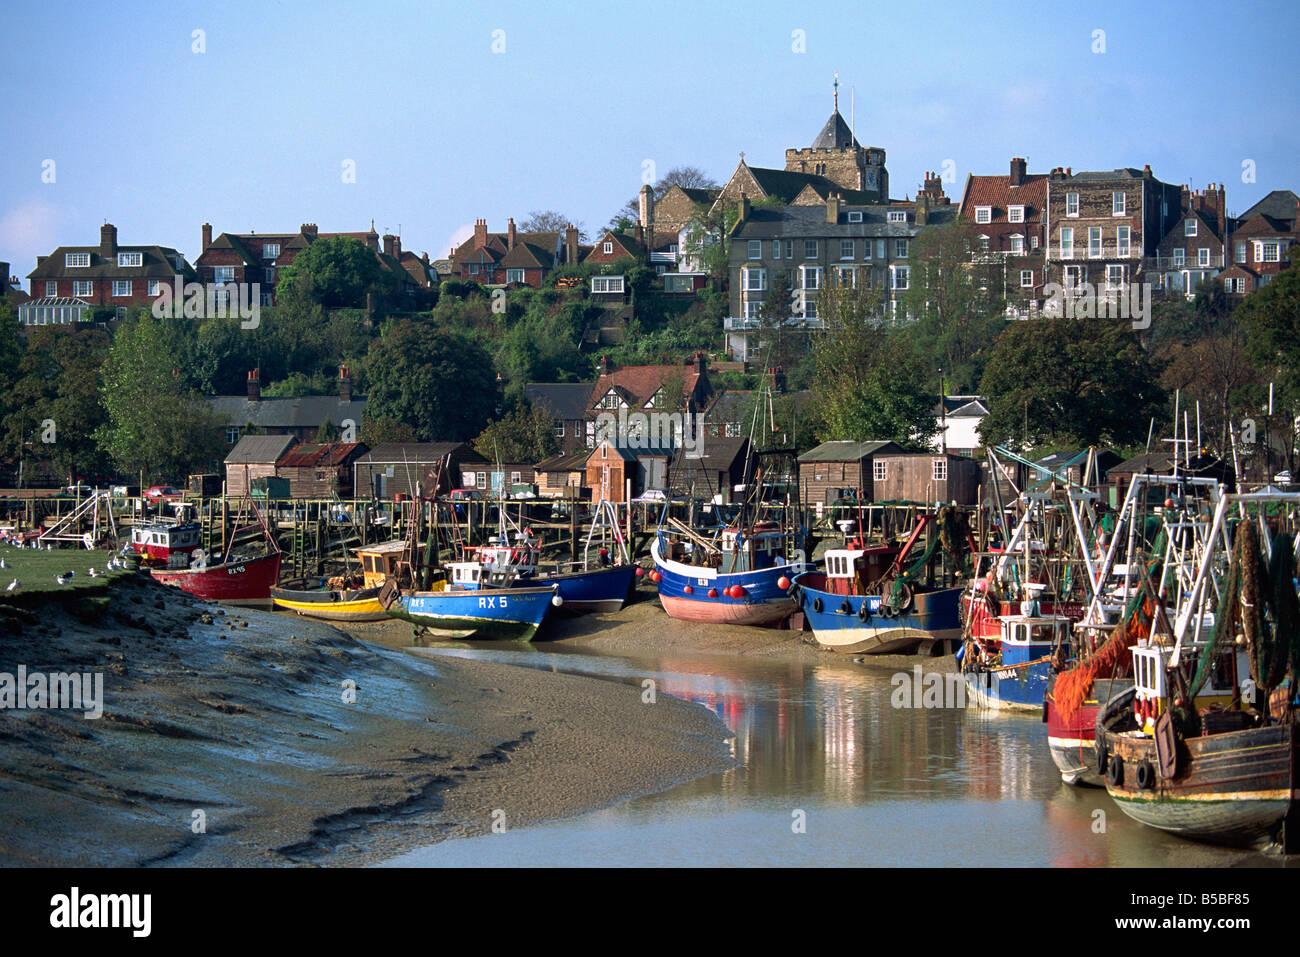 Bateaux de pêche sur la rivière Rother, seigle, Sussex, Angleterre, Europe Photo Stock